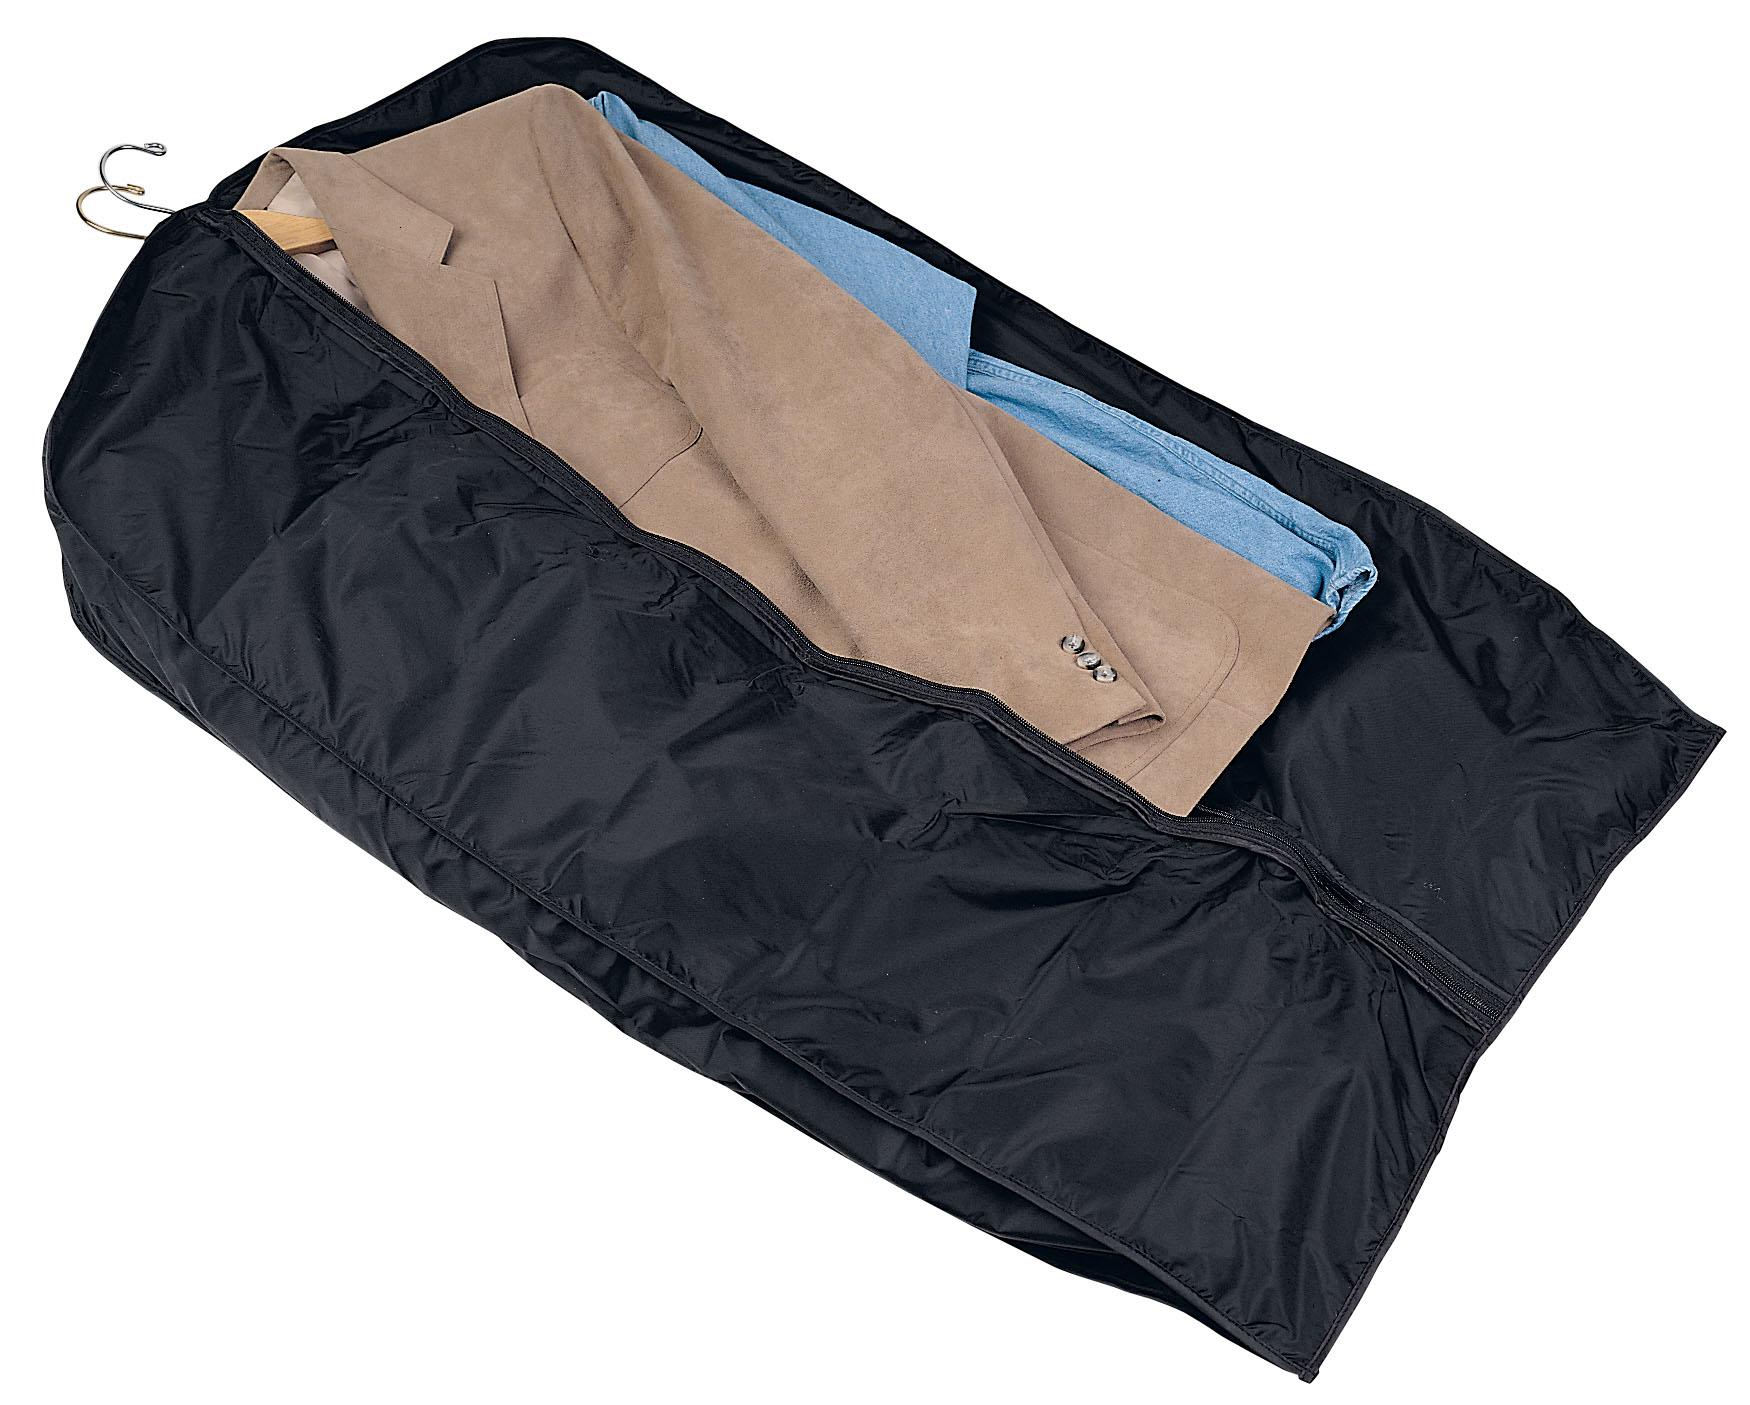 Resegarderderob med fickor, Praktiskt förvaring av kläder på resa, förvara se